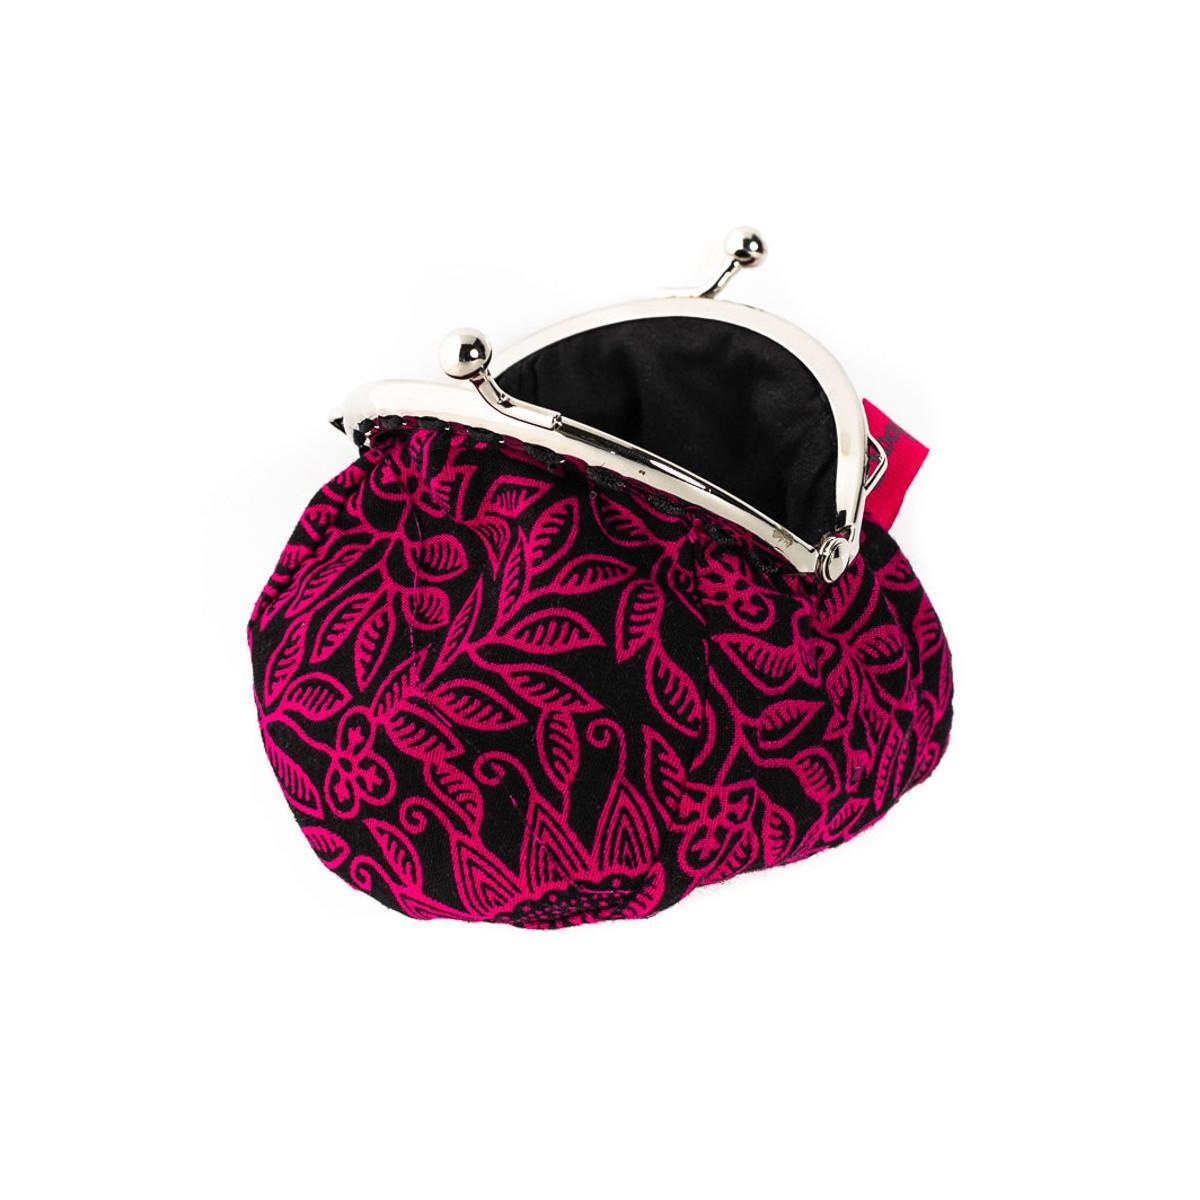 Petit porte-monnaie bourse à clip rétro rose et noir